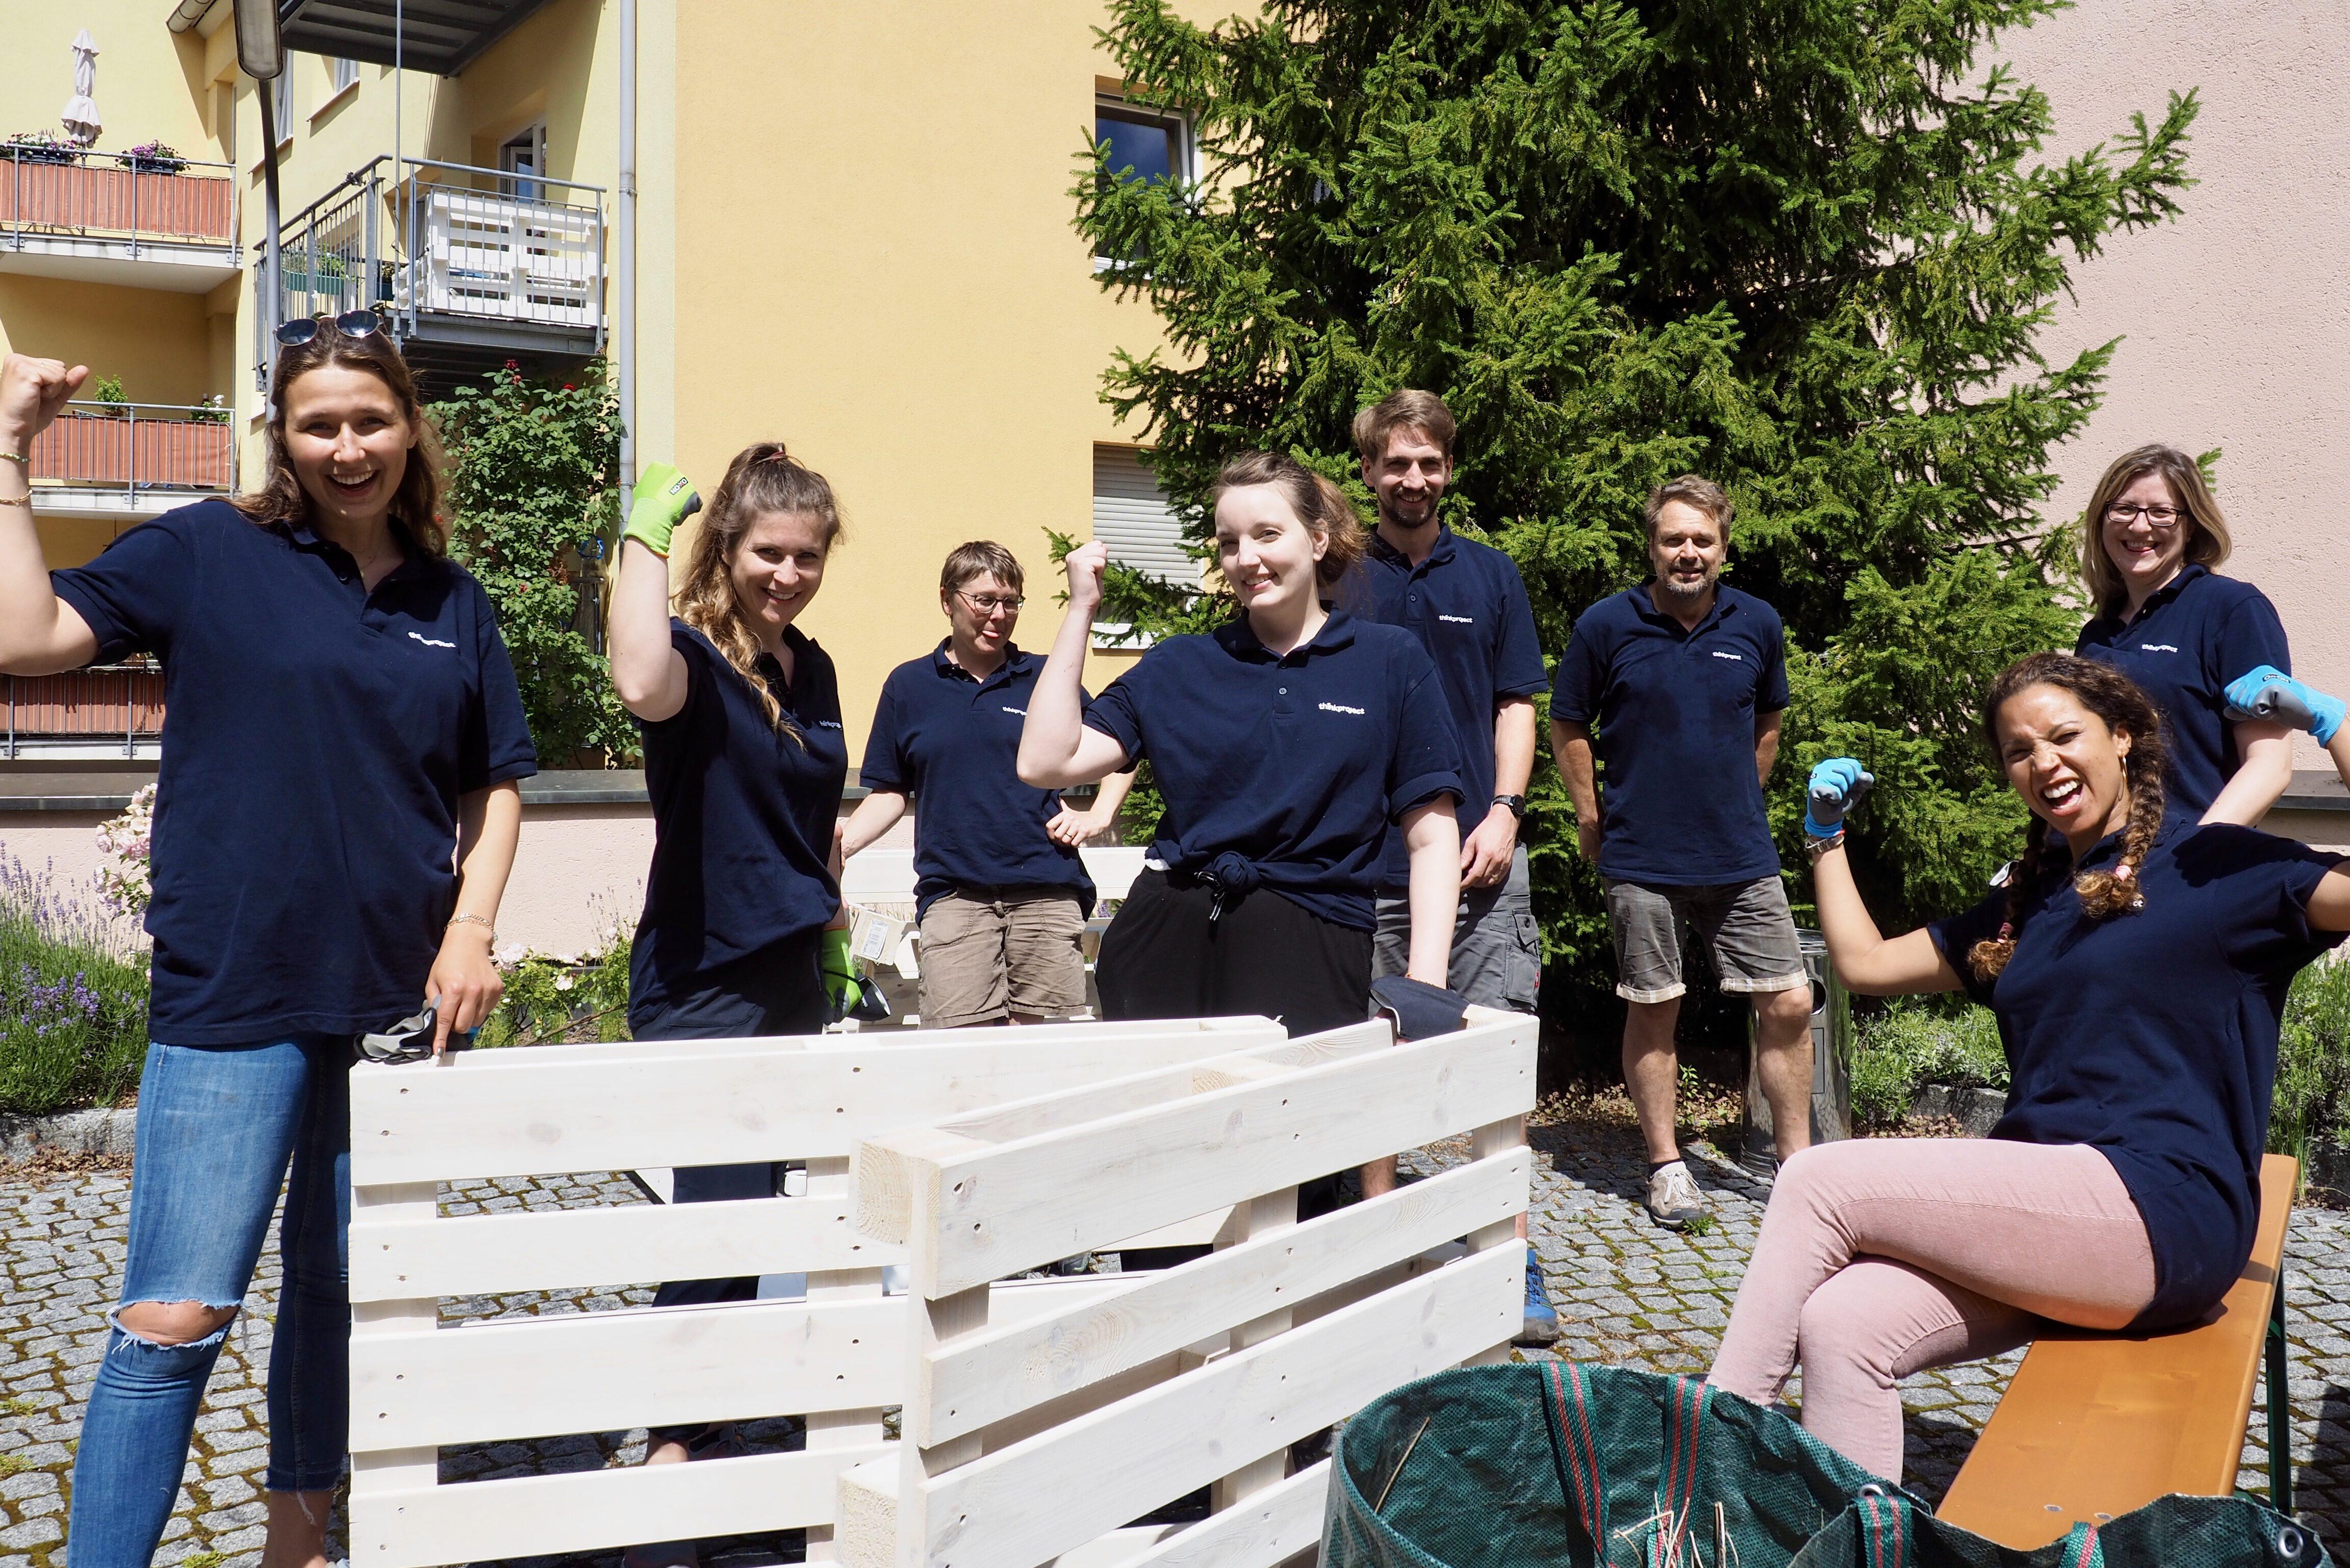 Aktionstag Münchner Unternehmen Des mach ma: Mitarbeiter von Thinkproject verschönern den Innenhof im Projekt Wohnen in der Au WidA des Adelgundenheims.